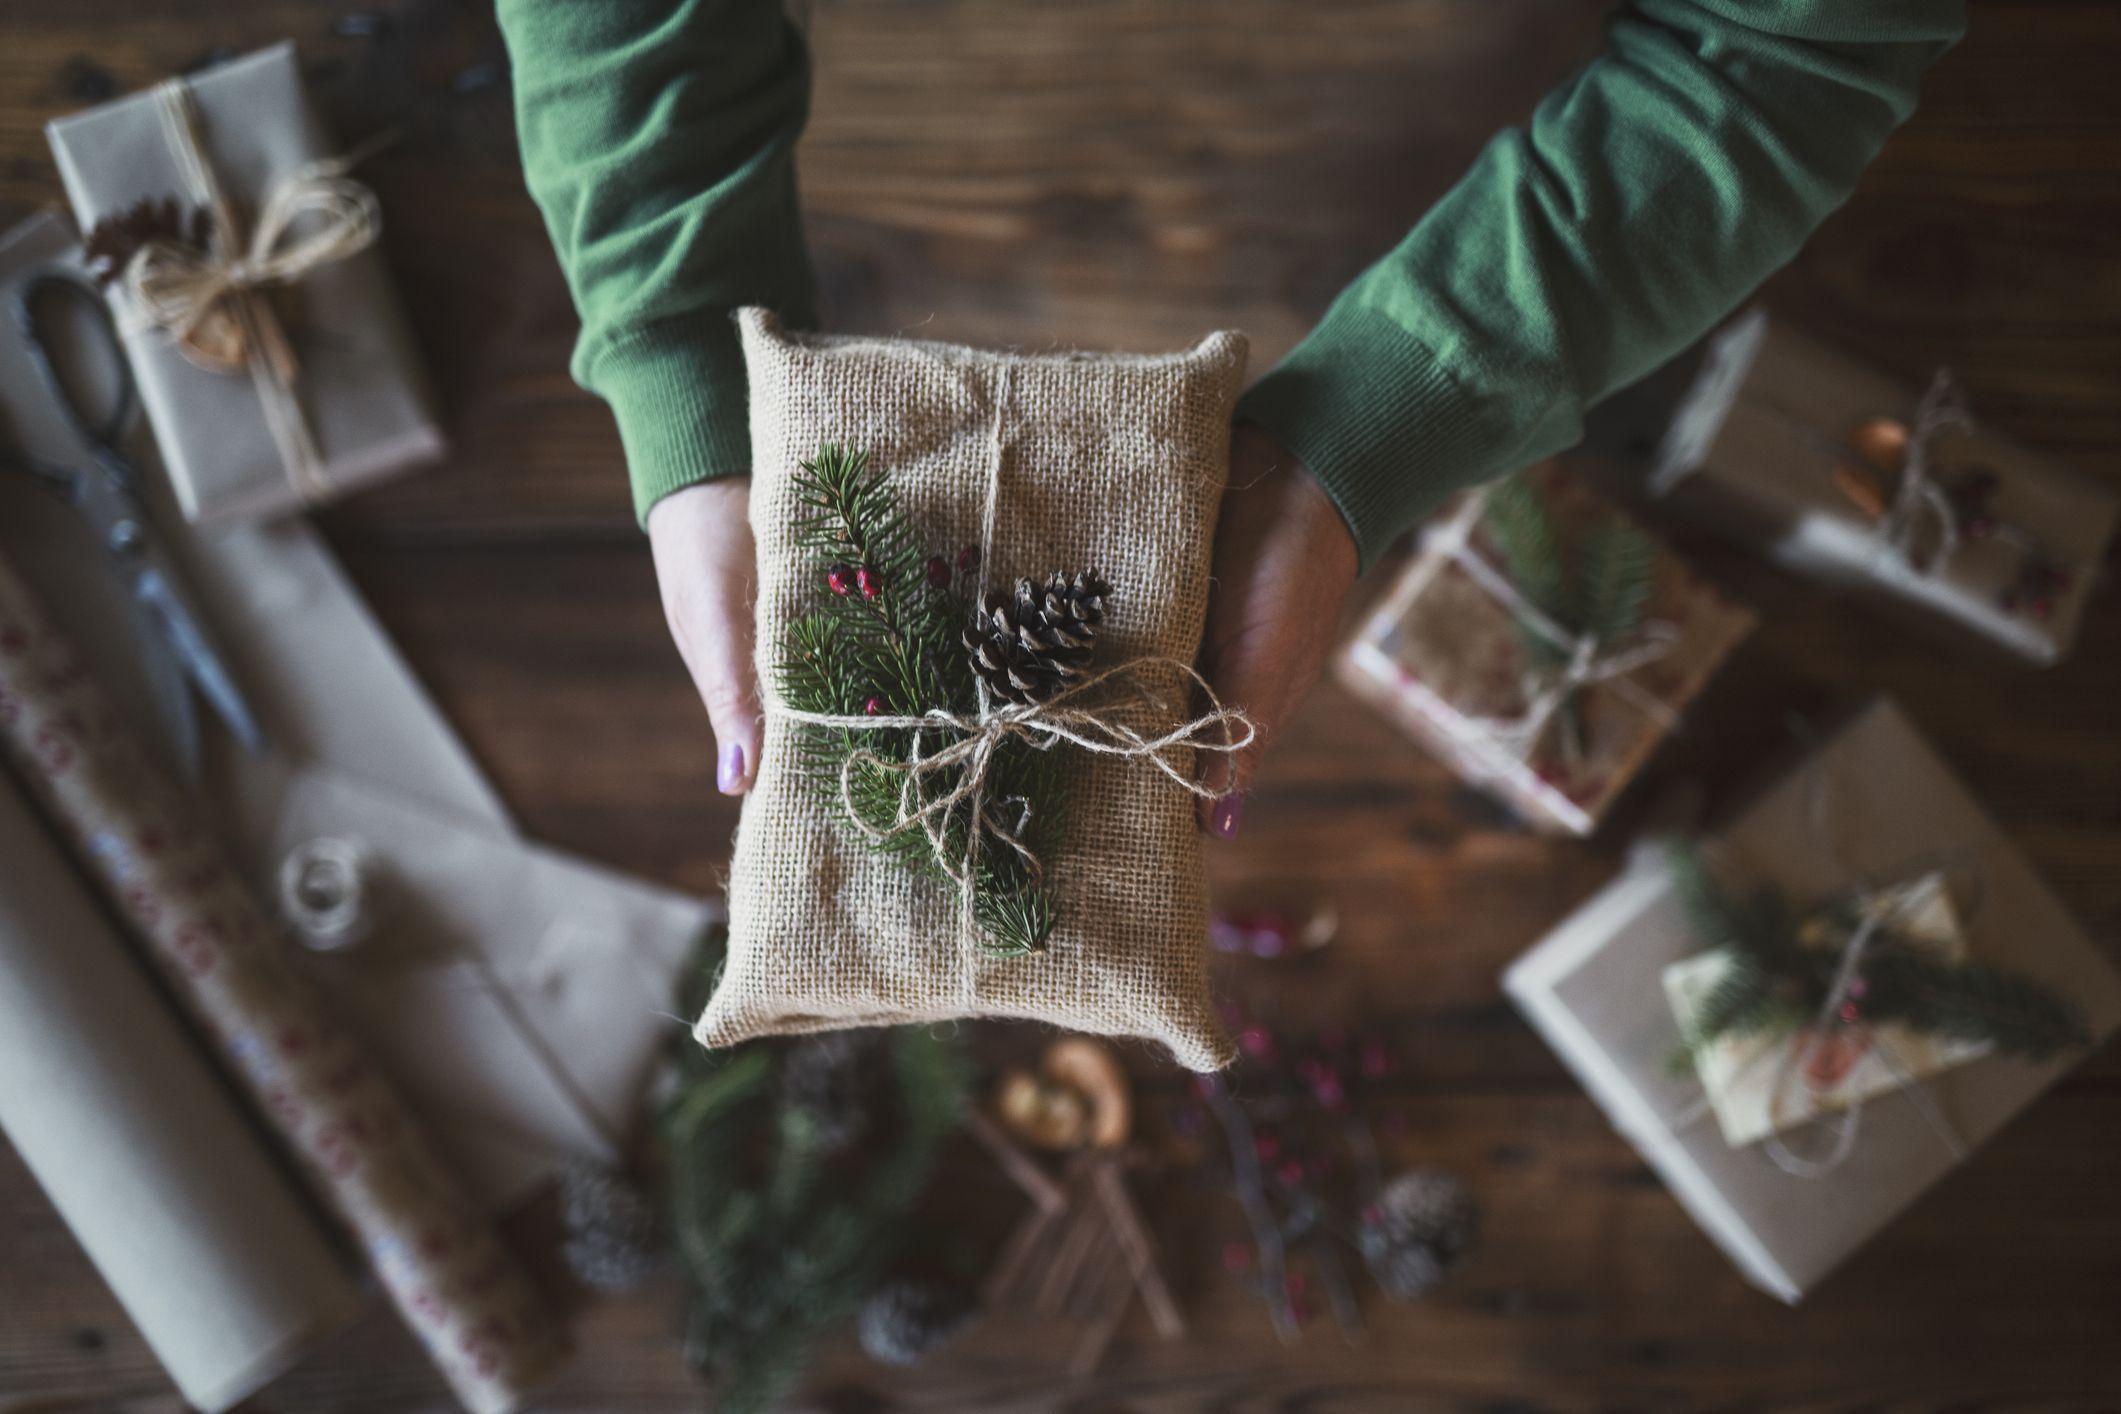 Regali di Natale 2019 per tutti, 19 idee regalo per fare un figurone (anche last minute)